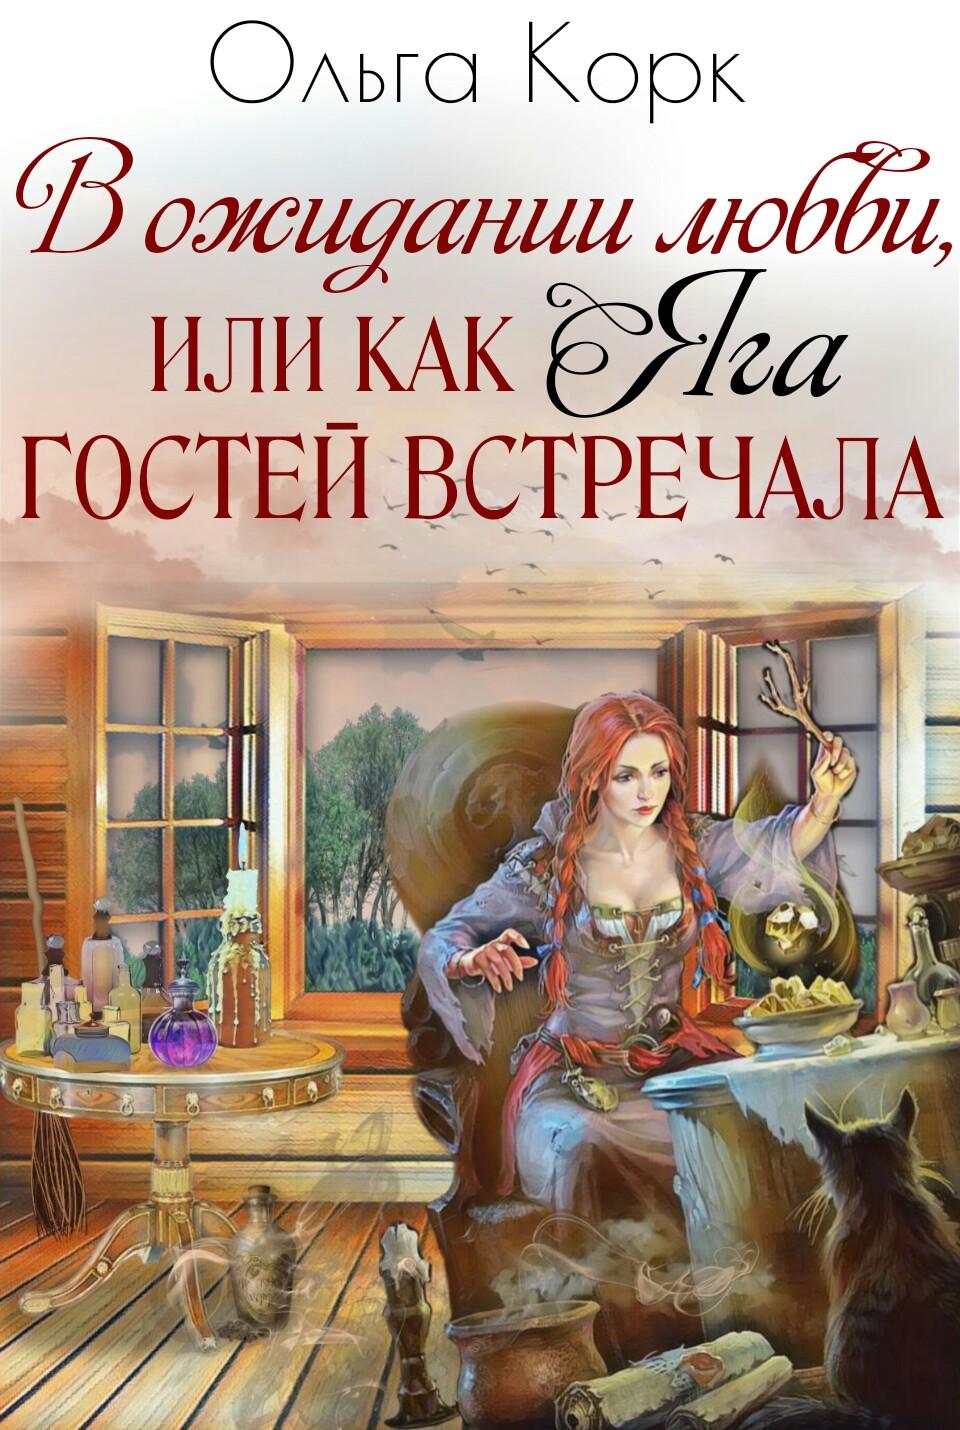 https://litnet.com/ru/book/v-ozhidanii-lyubvi-ili-kak-yaga-gostei-vstrechala-b167729